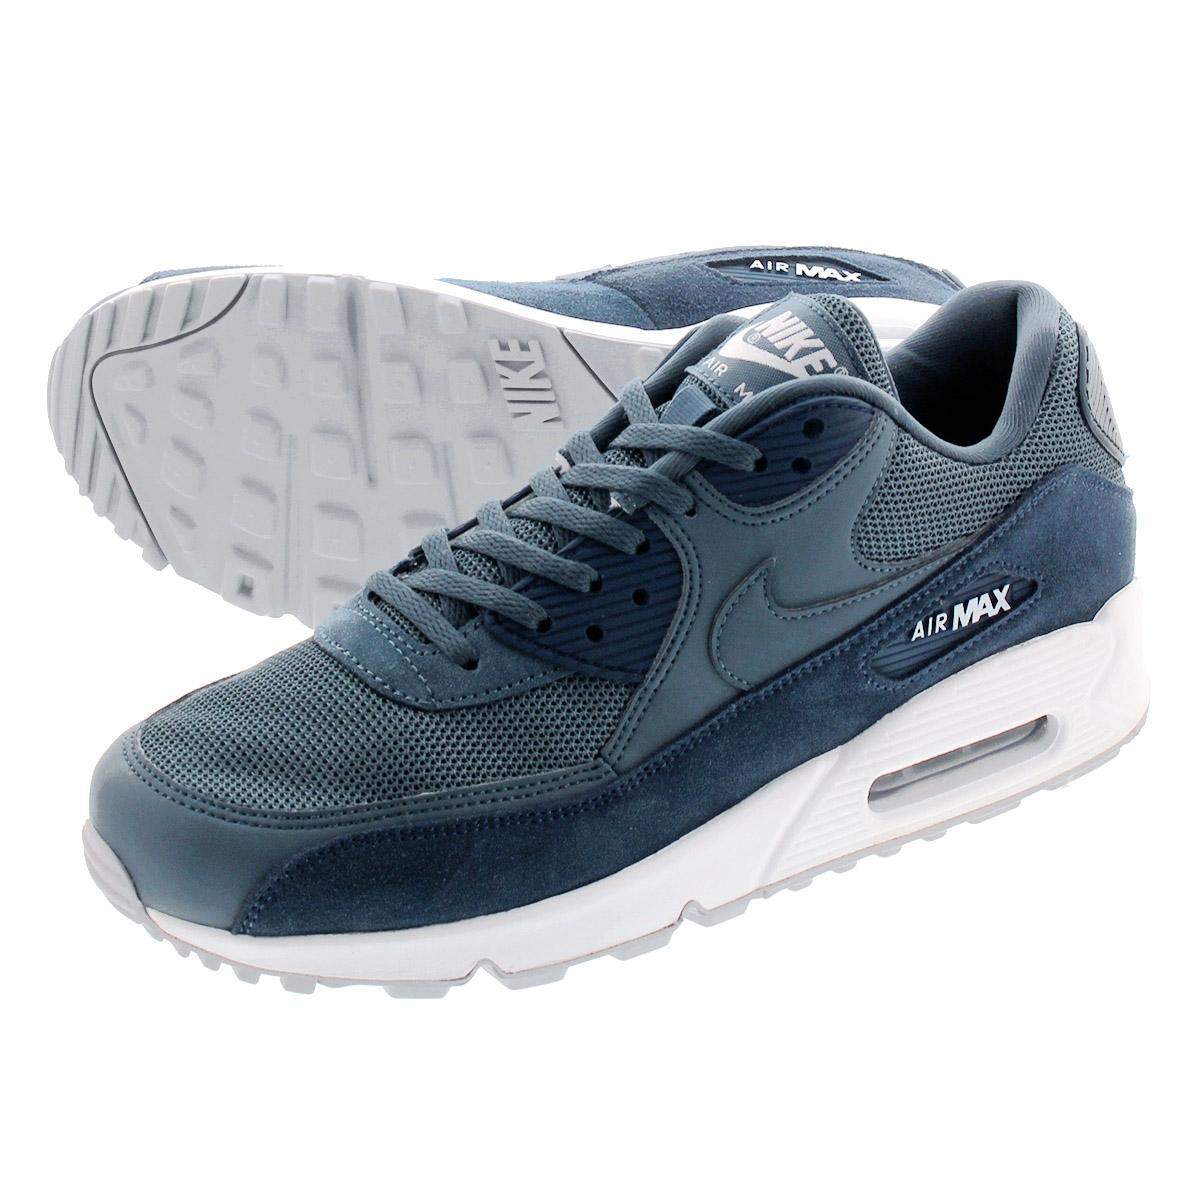 LOWTEX PLUS: NIKE AIR MAX 90 ESSENTIAL Nike Air Max 90